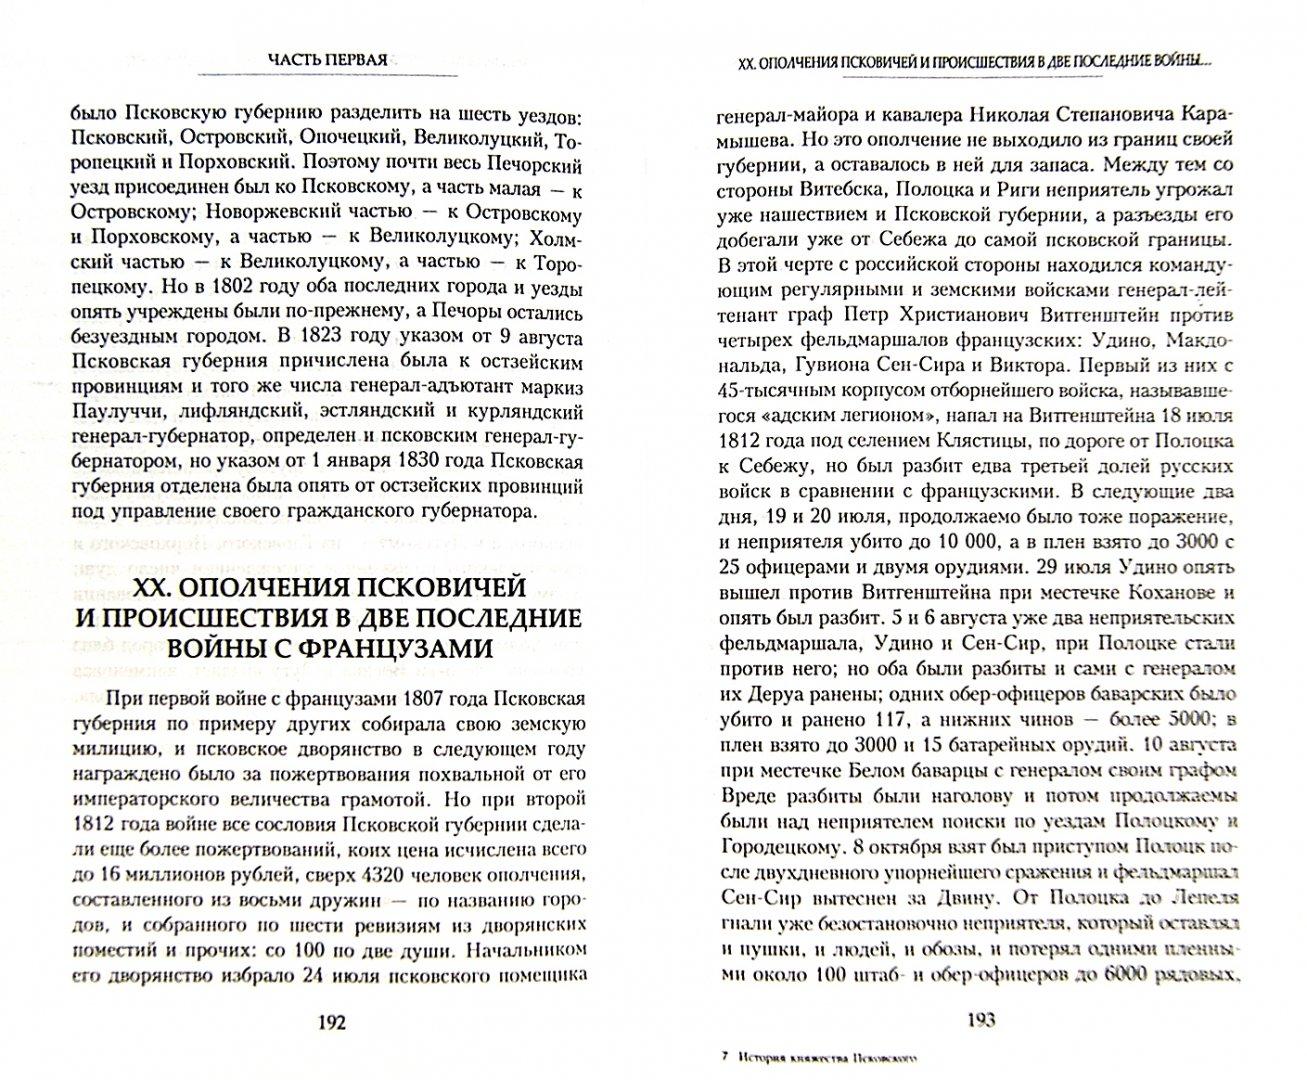 Иллюстрация 1 из 9 для История княжества Псковского - Евфимий Болховитинов   Лабиринт - книги. Источник: Лабиринт